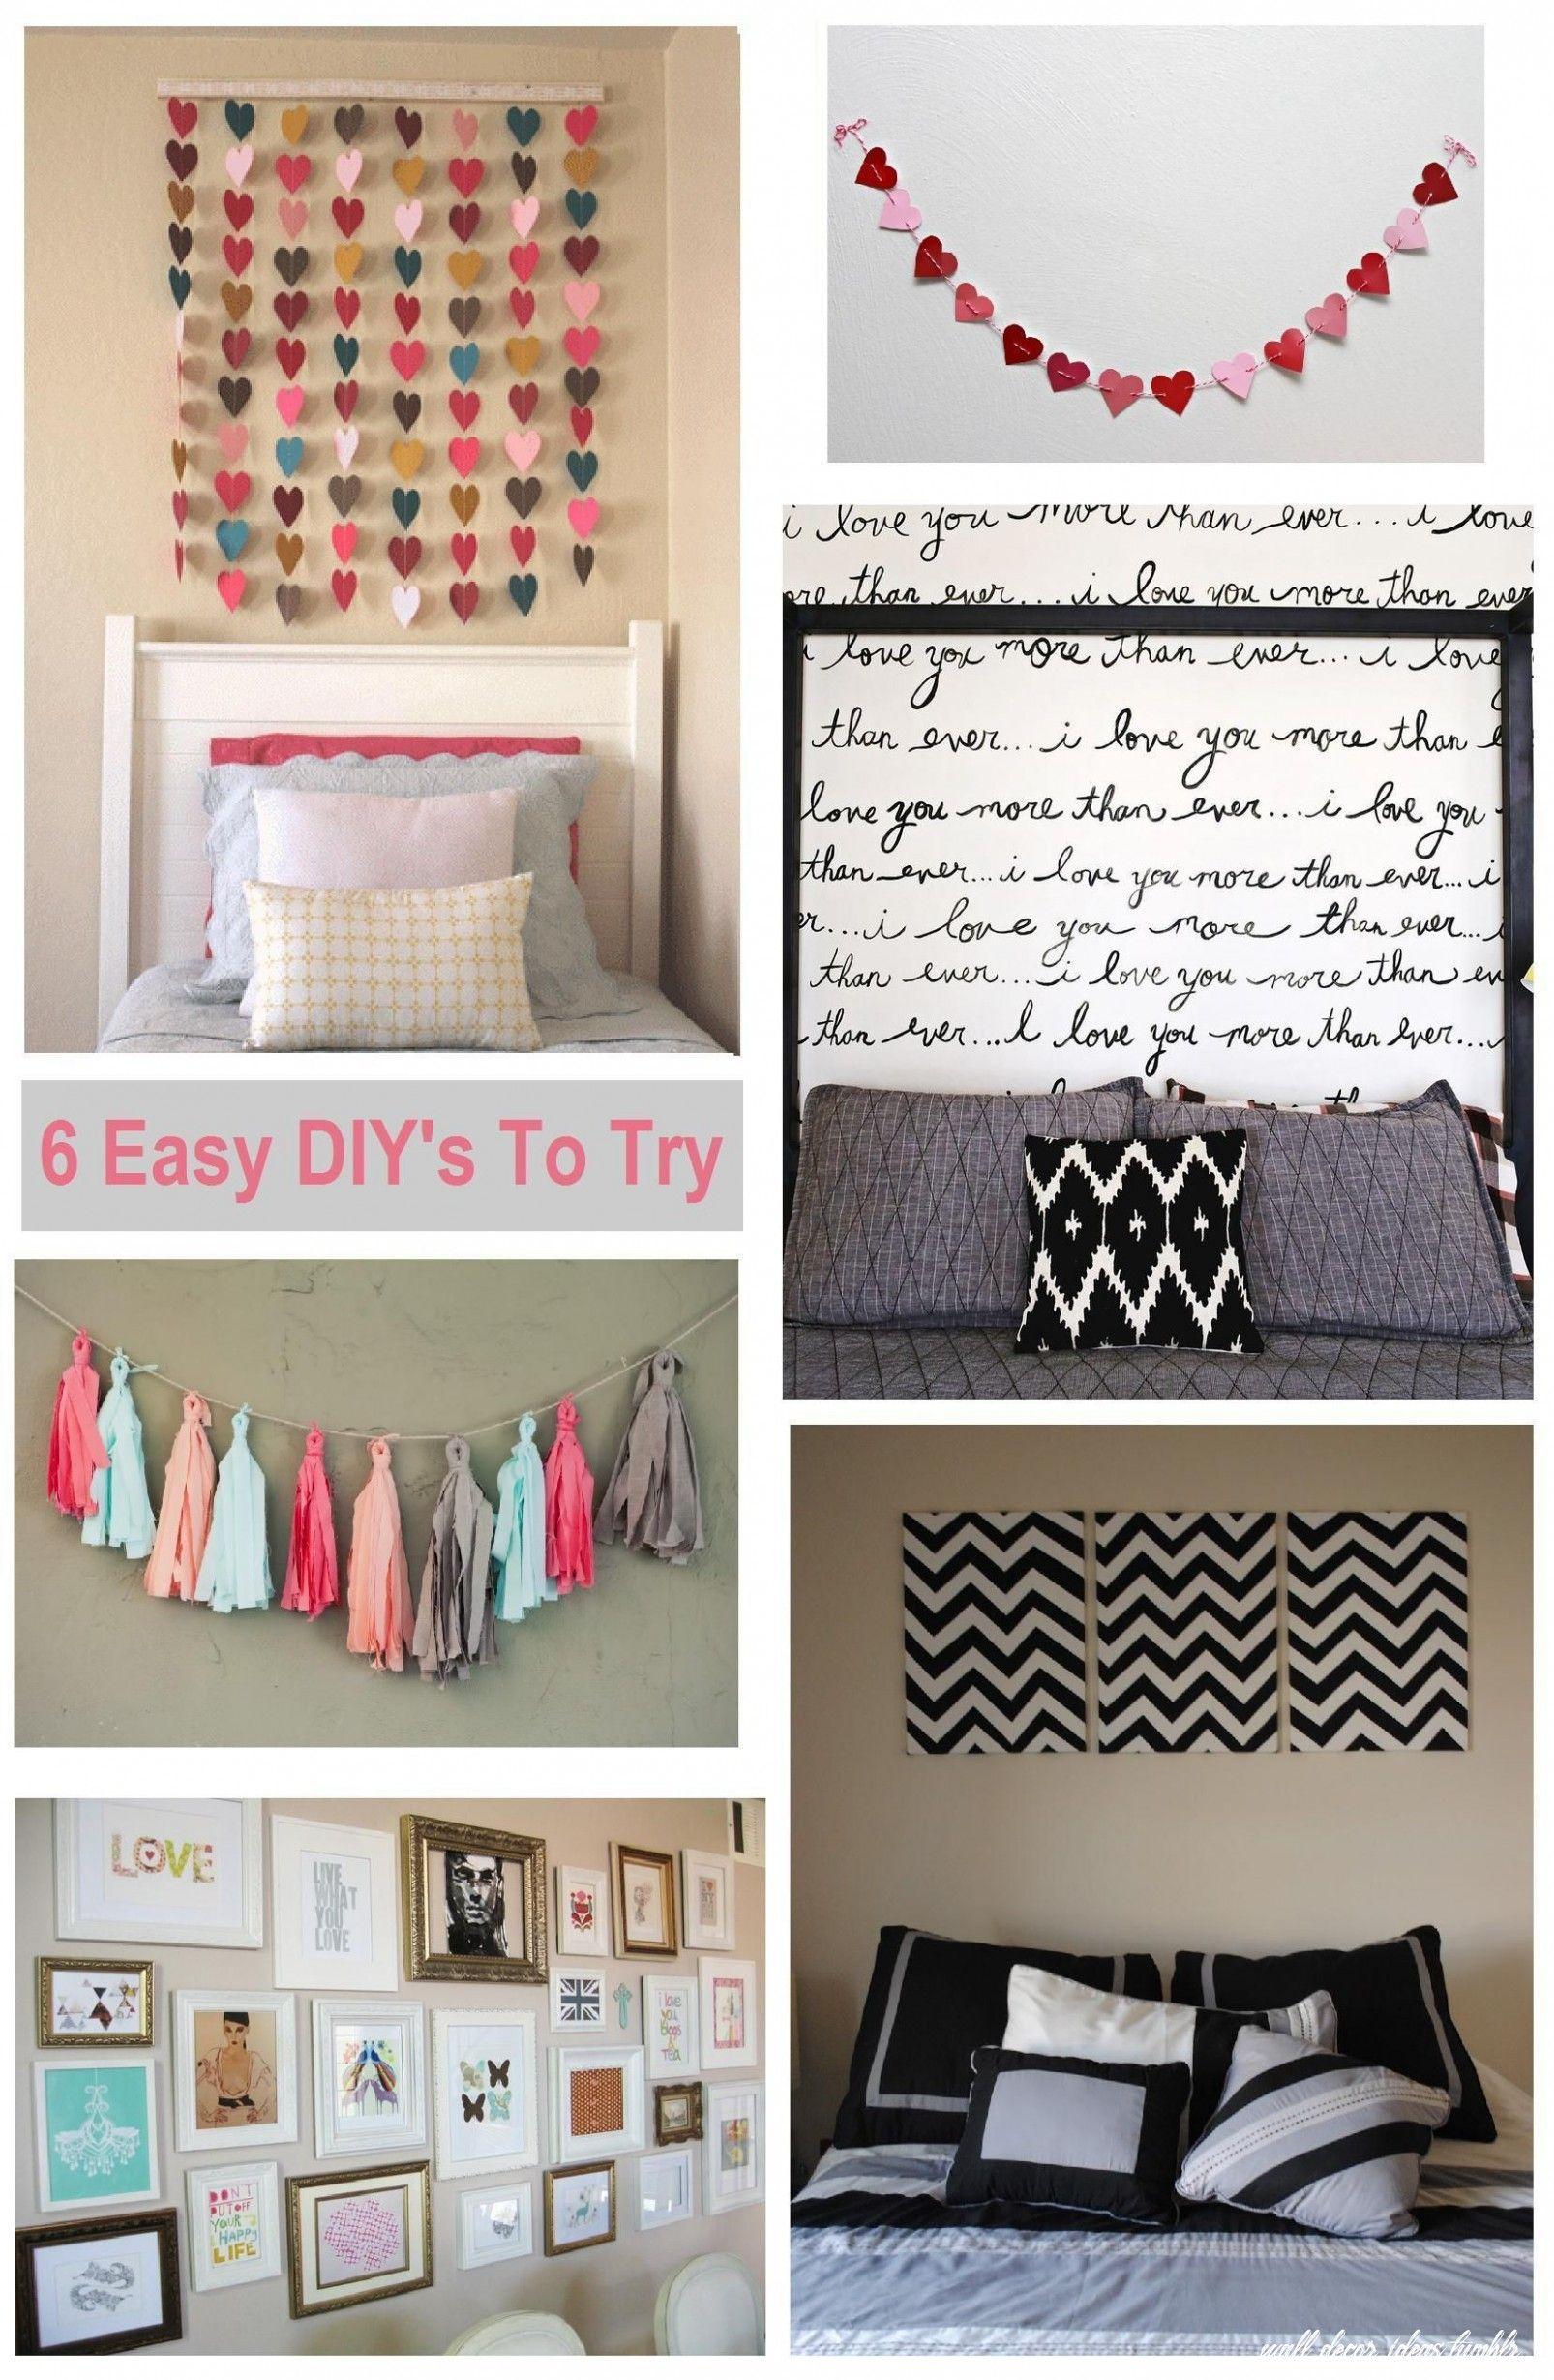 8 Wall Decor Ideas Tumblr In 2020 Bedroom Diy Wall Decor Bedroom Diy Home Decor Bedroom